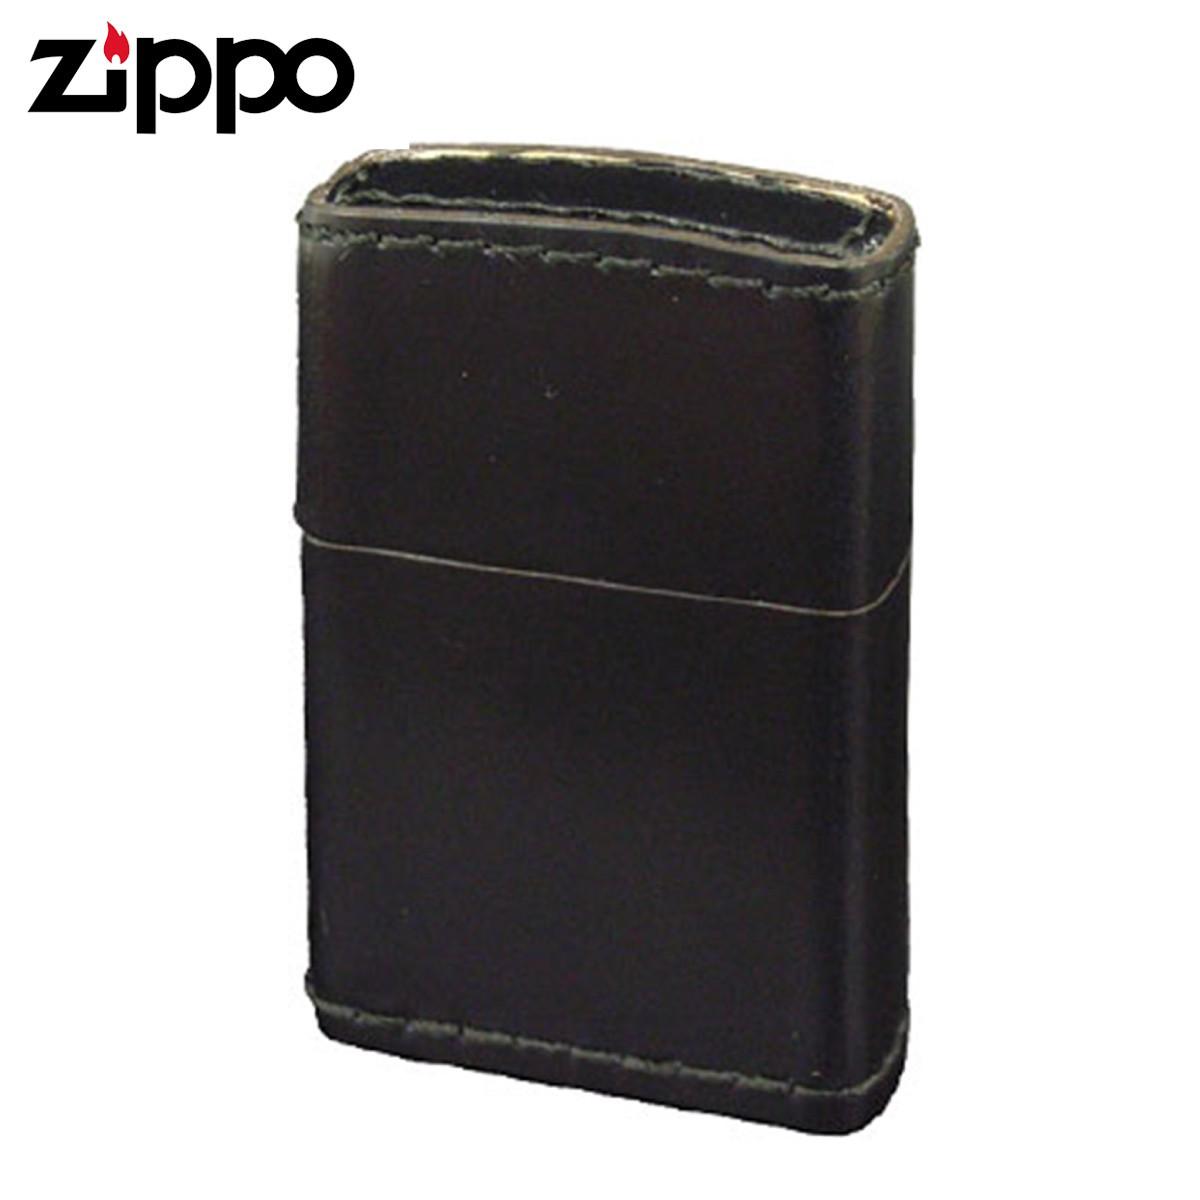 【最大10%OFFクーポン】zippo ジッポーライター コードバンブラック ギフト プレゼント 贈り物 返品不可 誕生日 クリスマス 父の日 オイルライター ジッポライター 彼氏 男性 メンズ 喫煙具